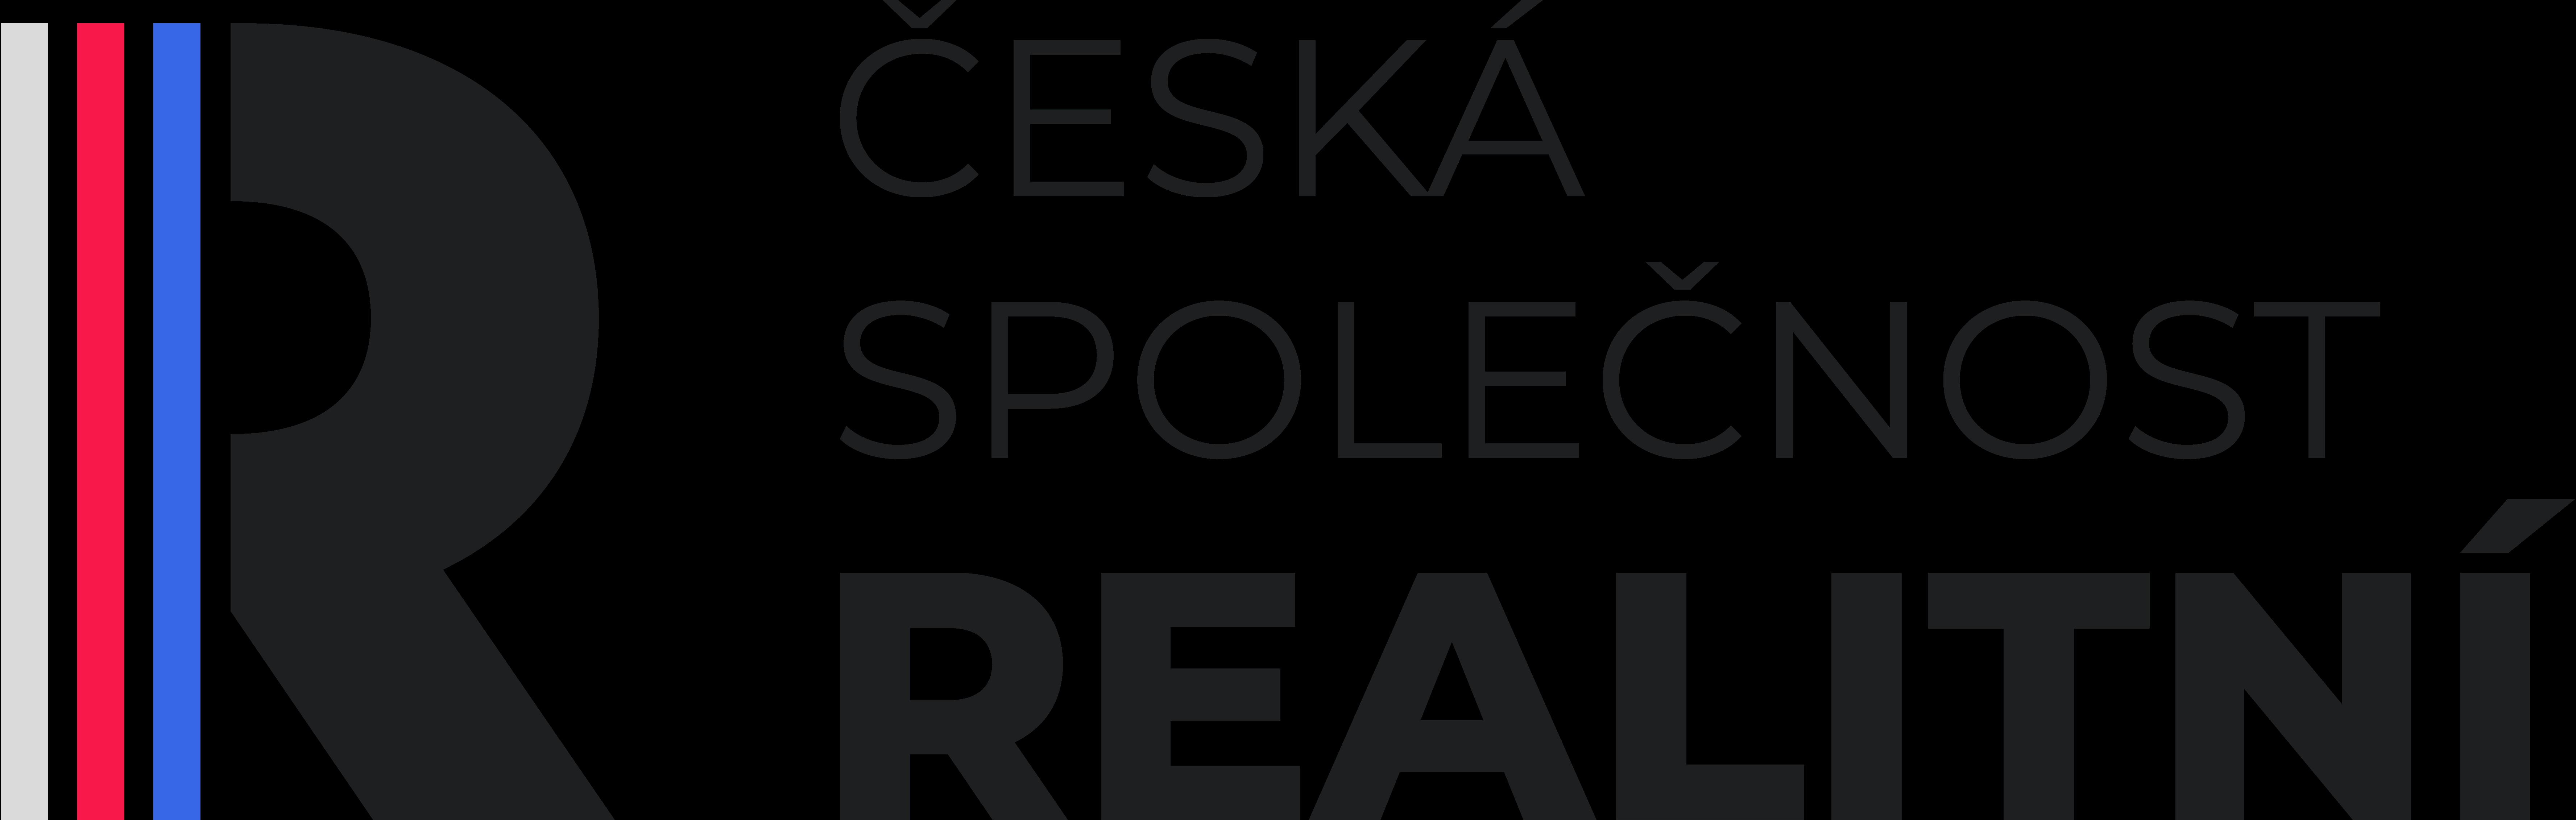 logo-20210110-7106x2262-A3-landscape.png